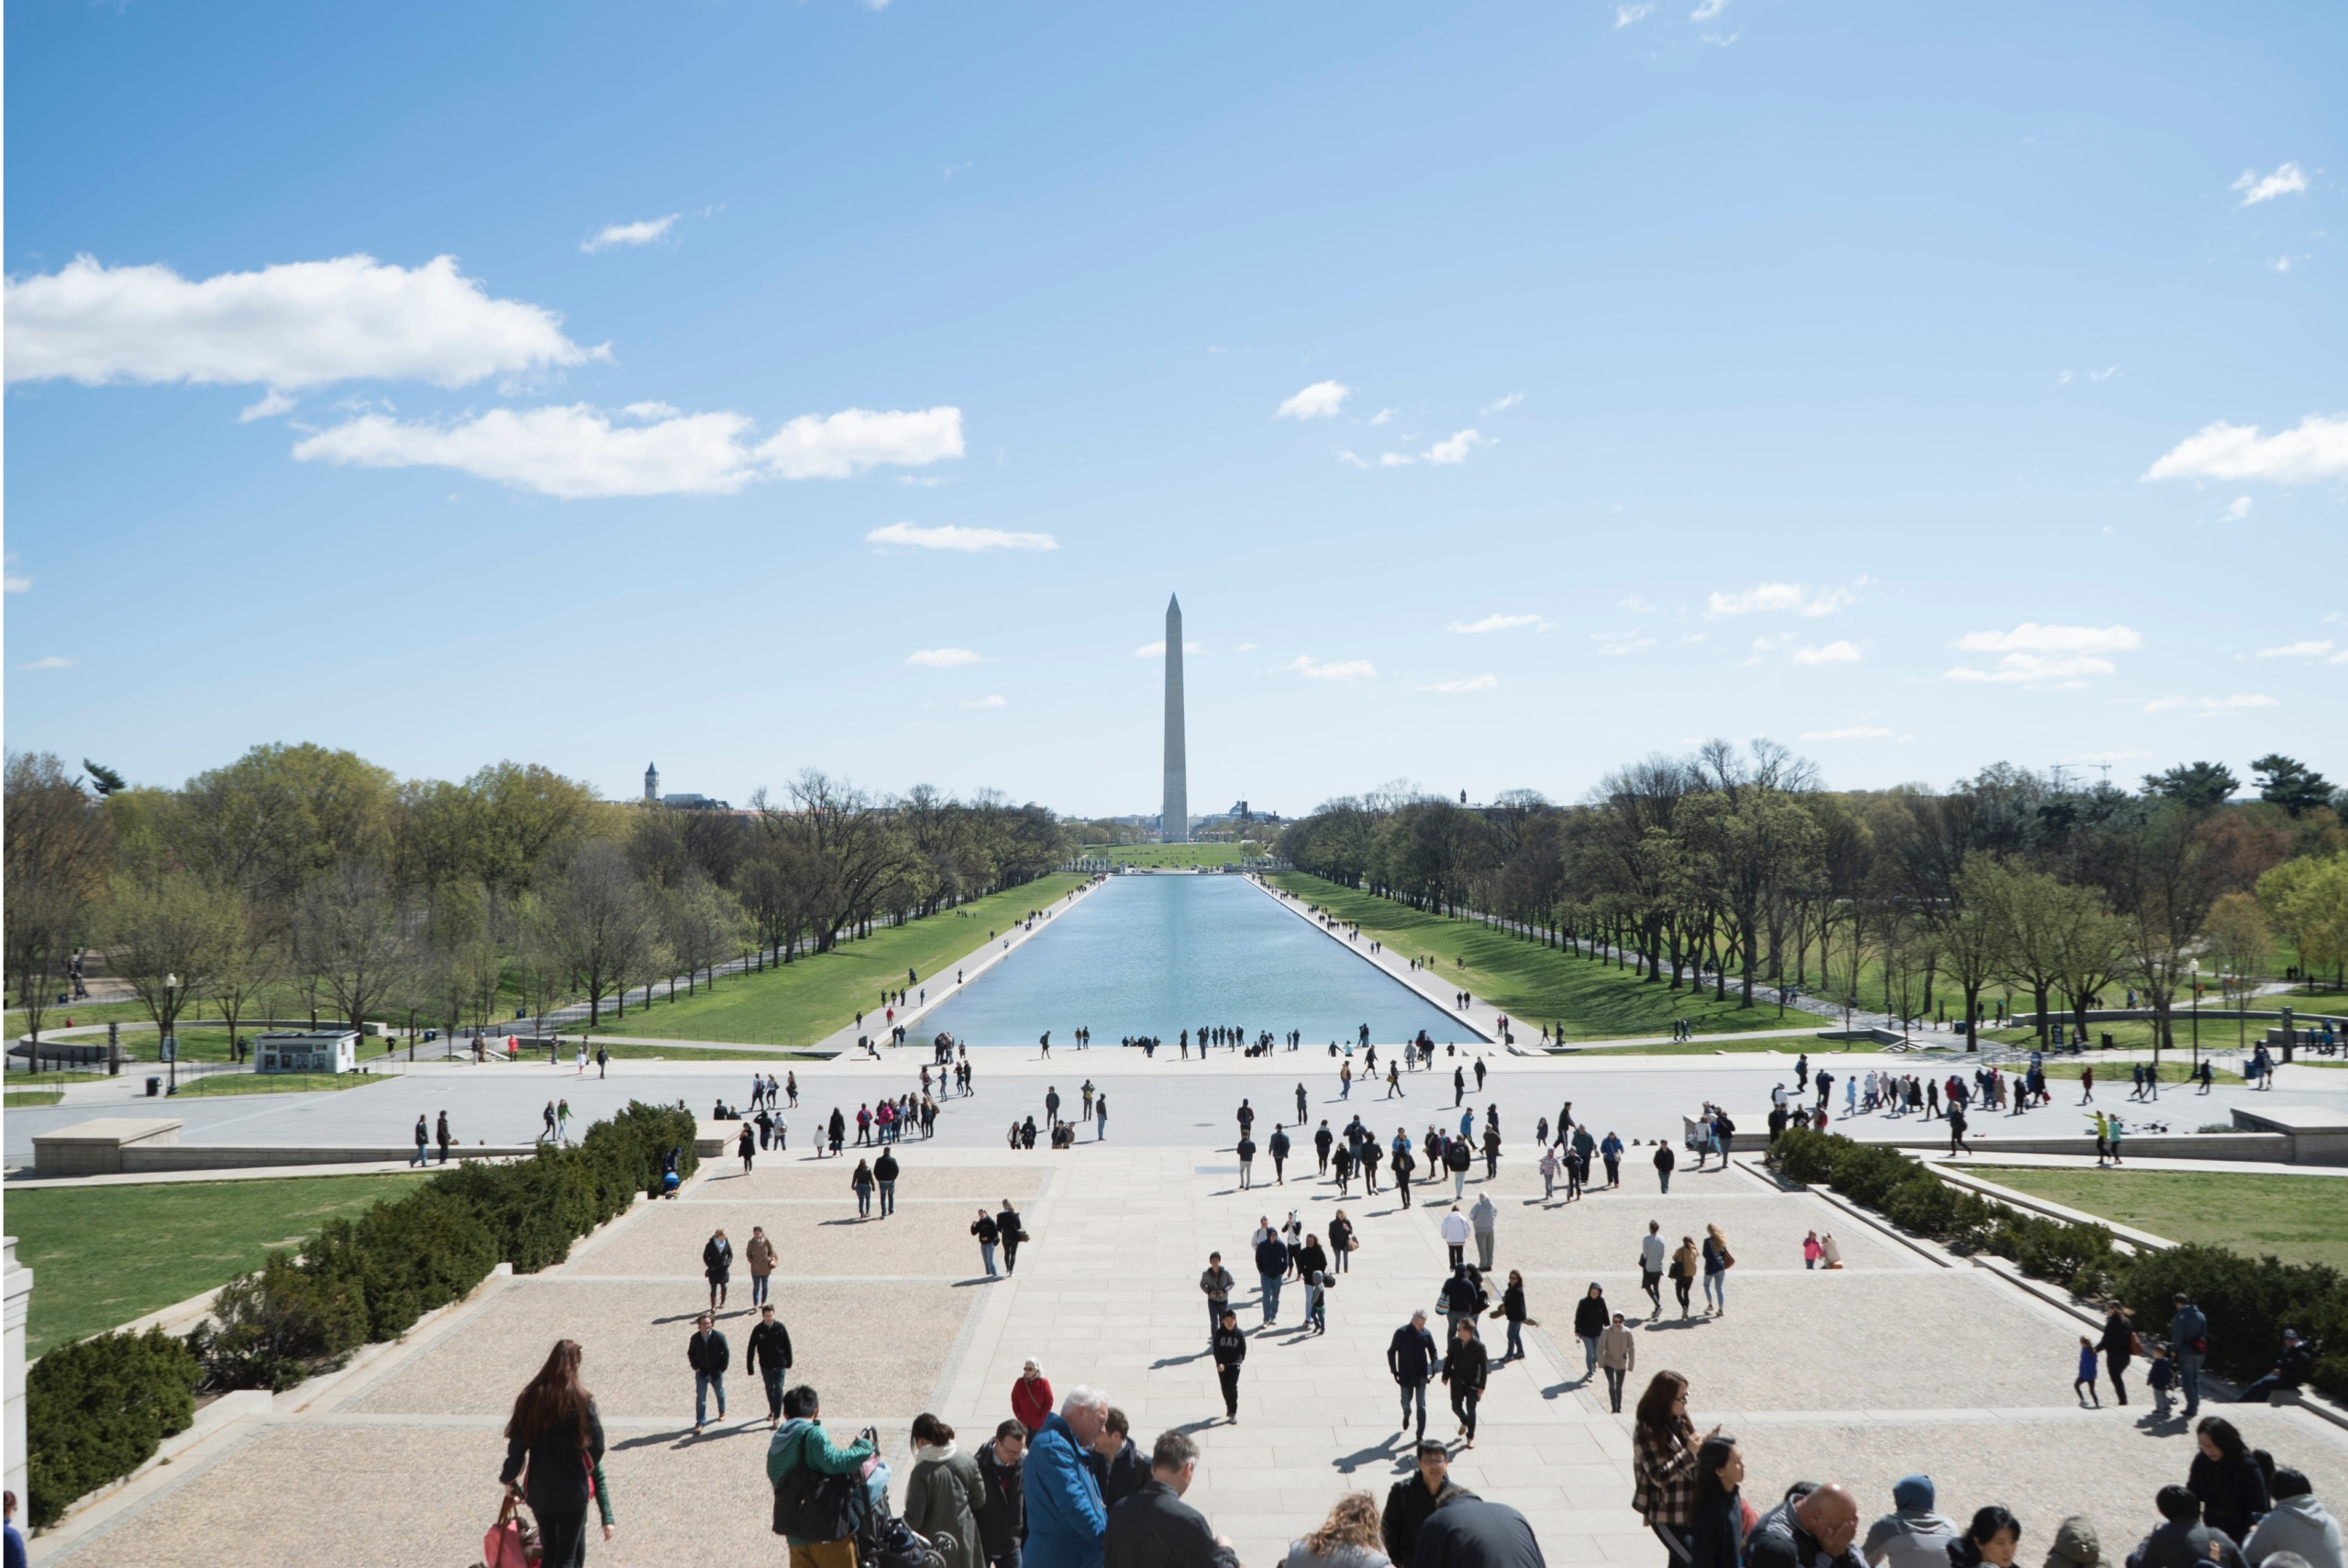 Vista del Monumento a Washington y el National Mall